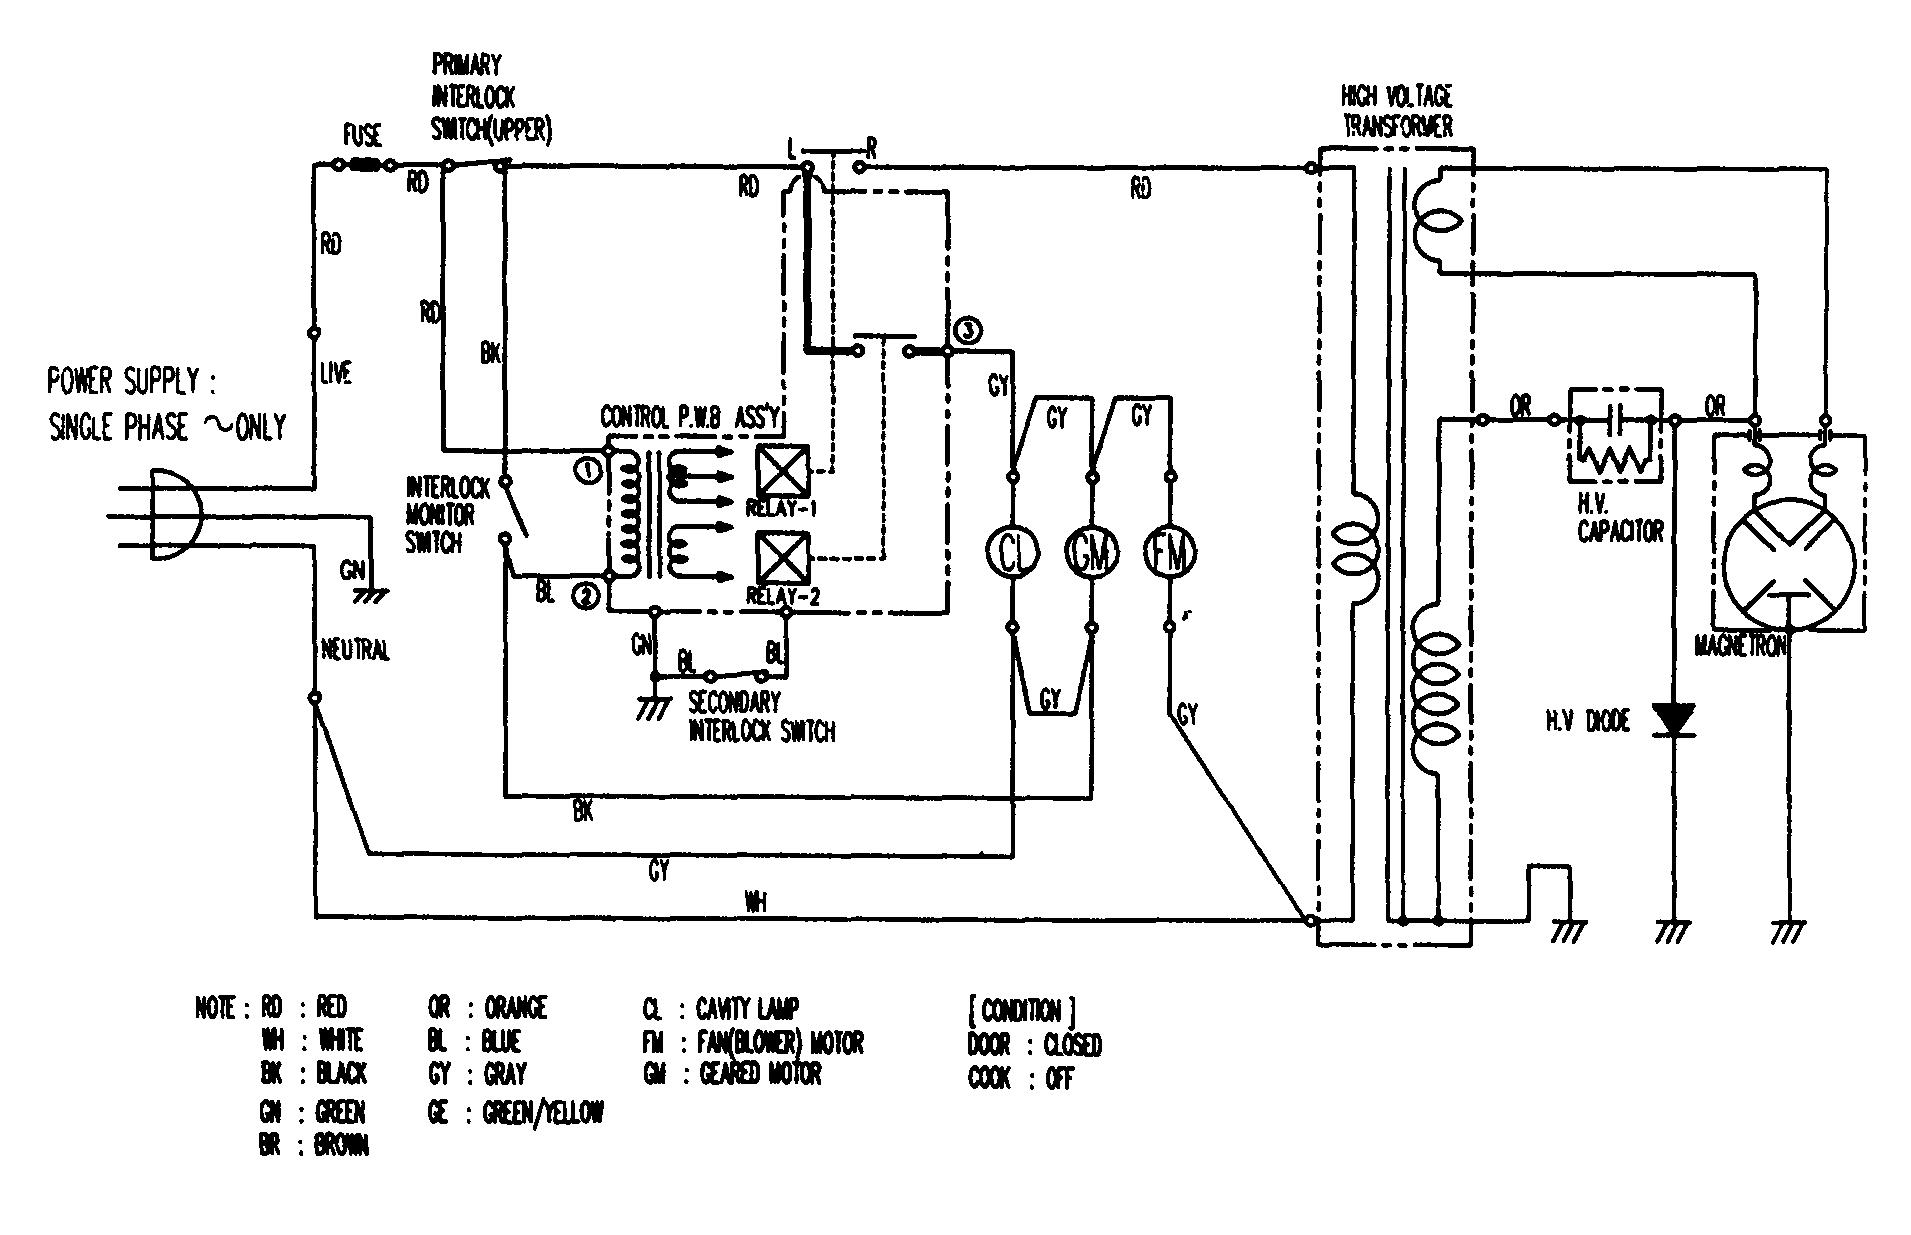 Kenmore Microwave Wiring Diagrams - Wiring Diagram K10 on